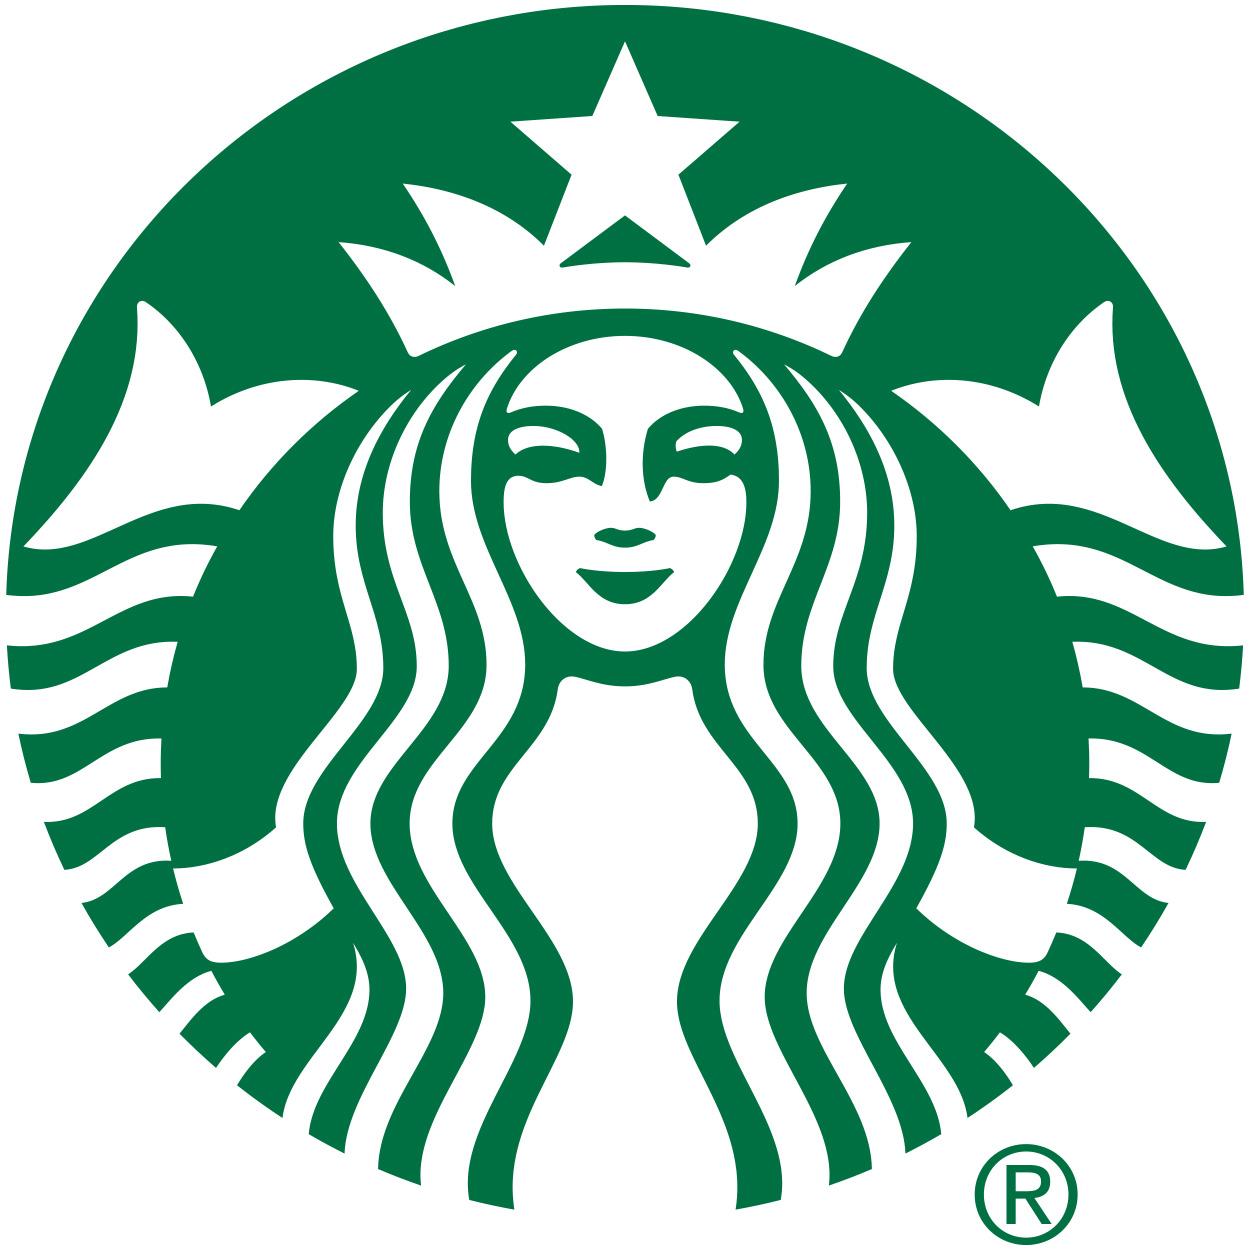 Iulius Mall Suceava aduce Starbucks, cel mai mare lanț de cafenele din lume, în premieră în județul Suceava